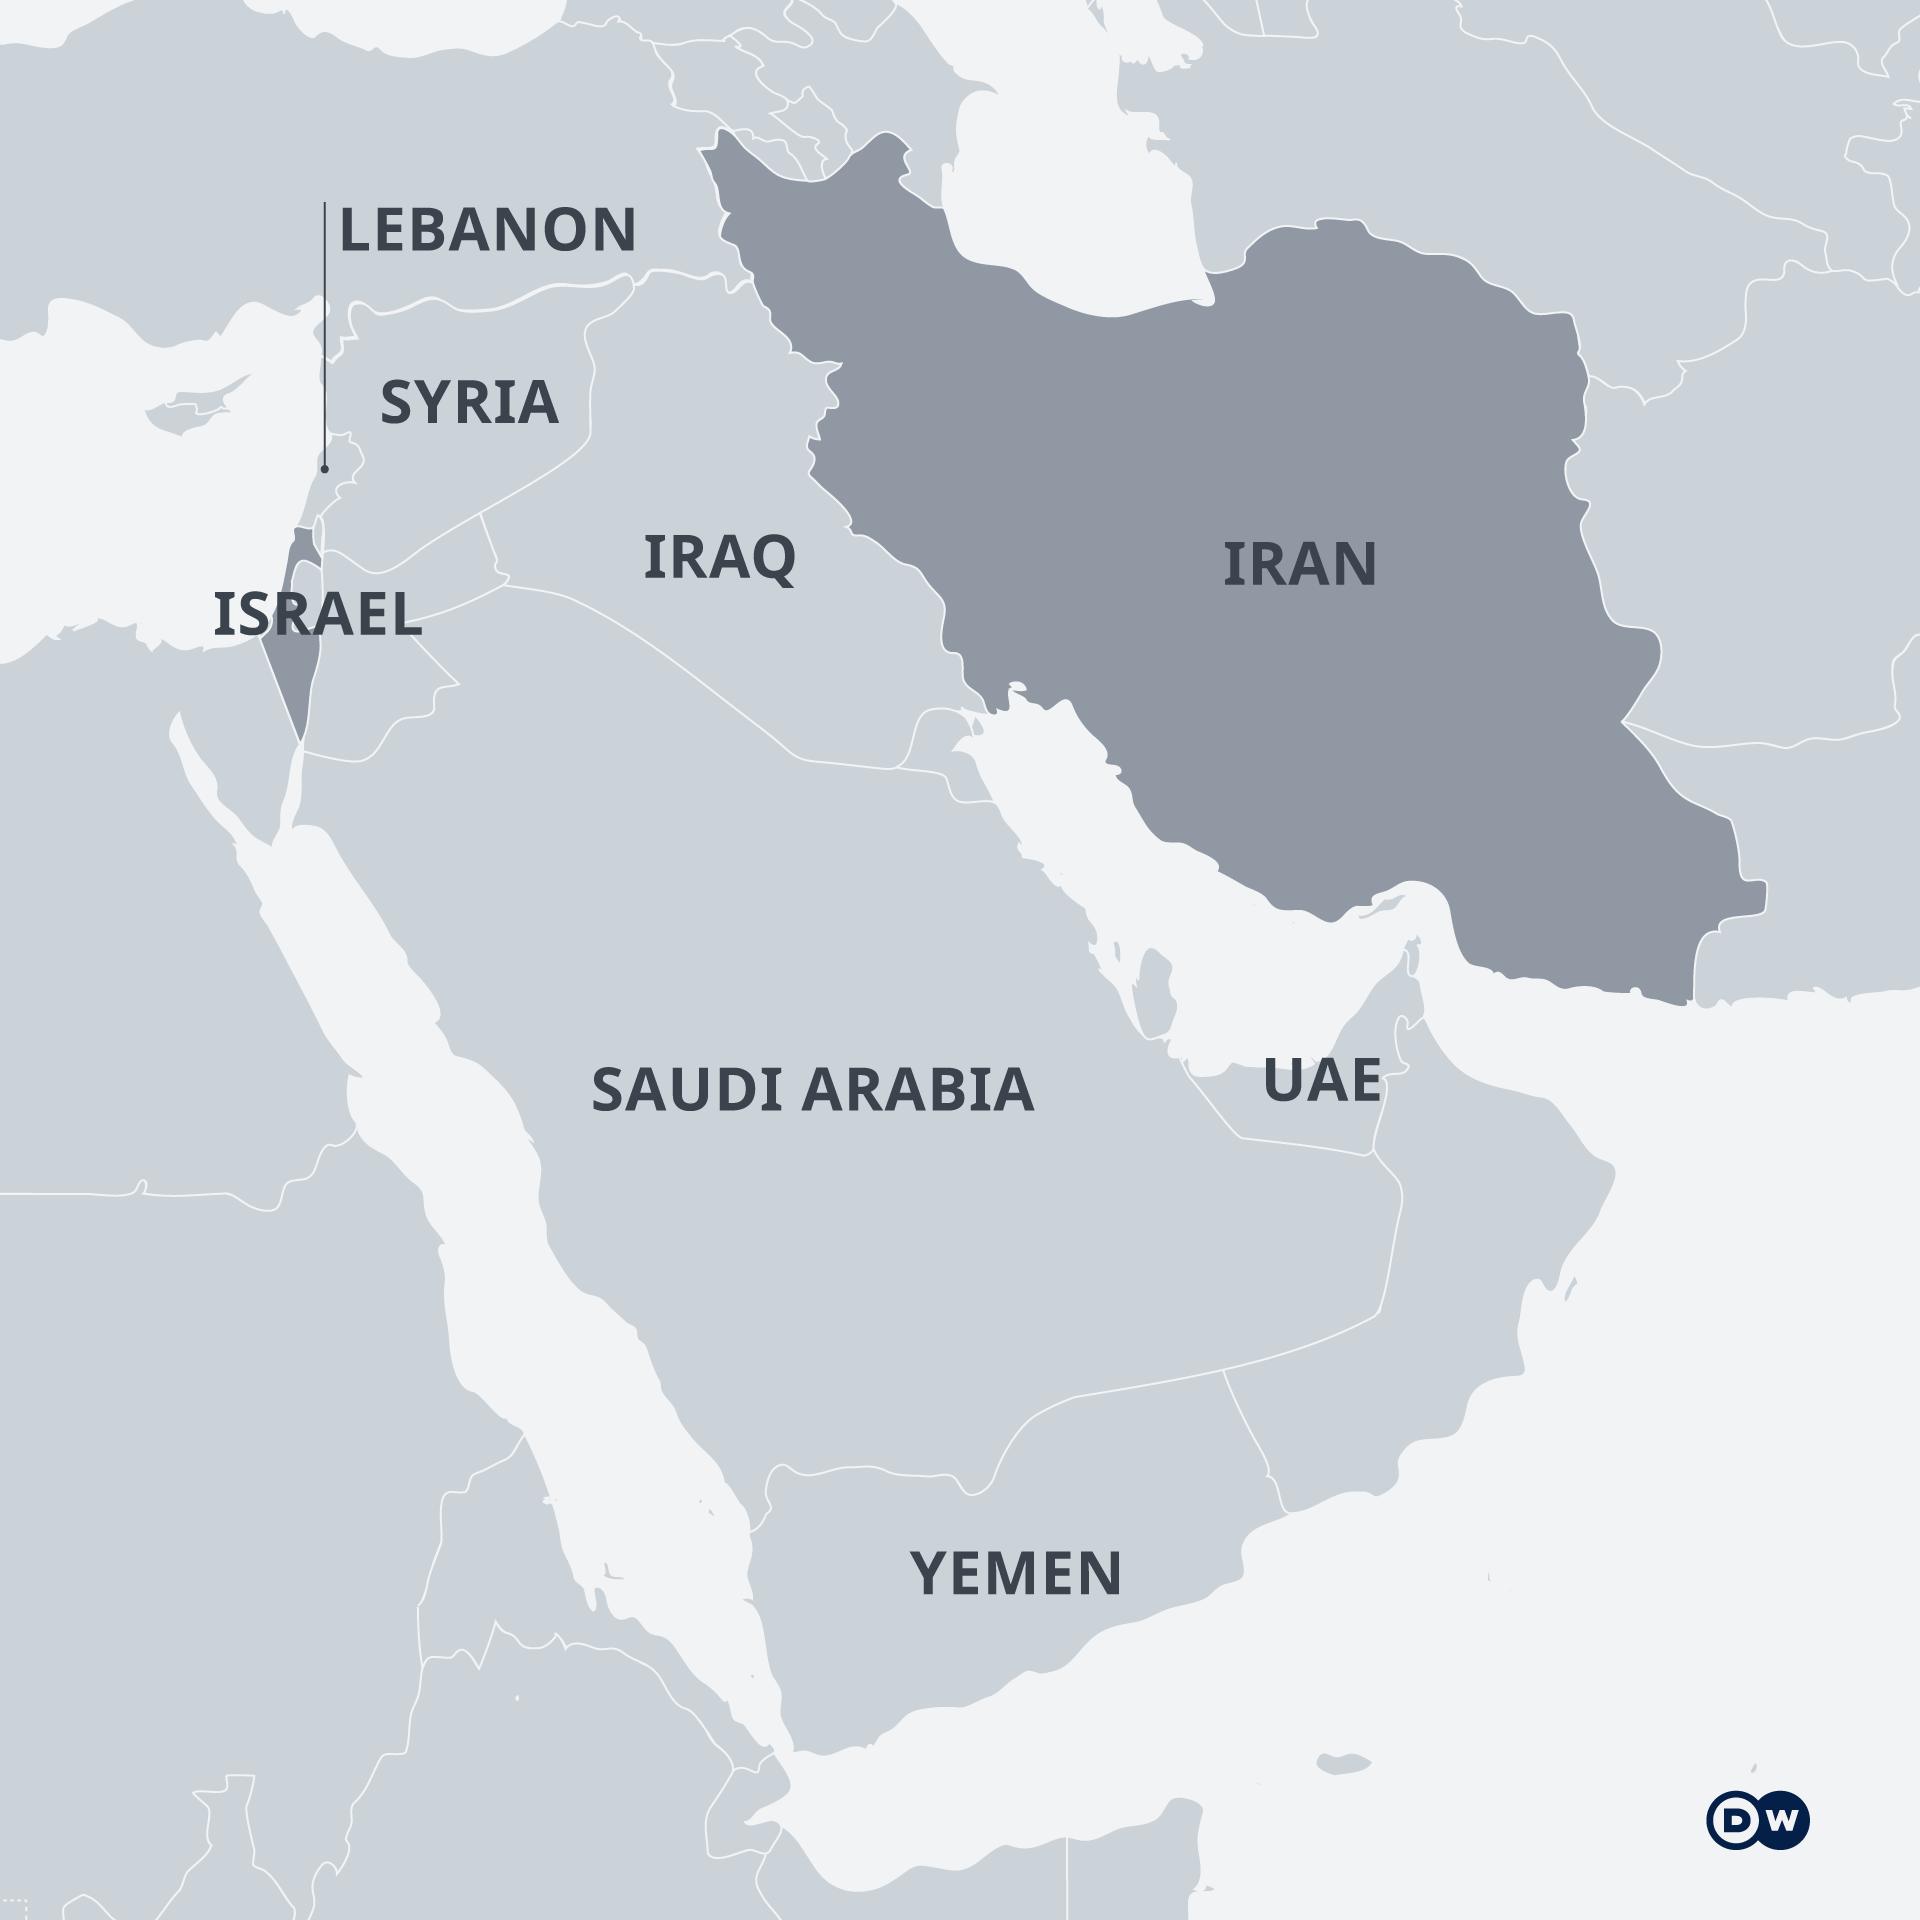 Iran und Israel haben keine gemeinsame Grenze. Die beiden nicht arabischen Länder waren vor der islamischen Revolution im Iran 1979 eng verbündet